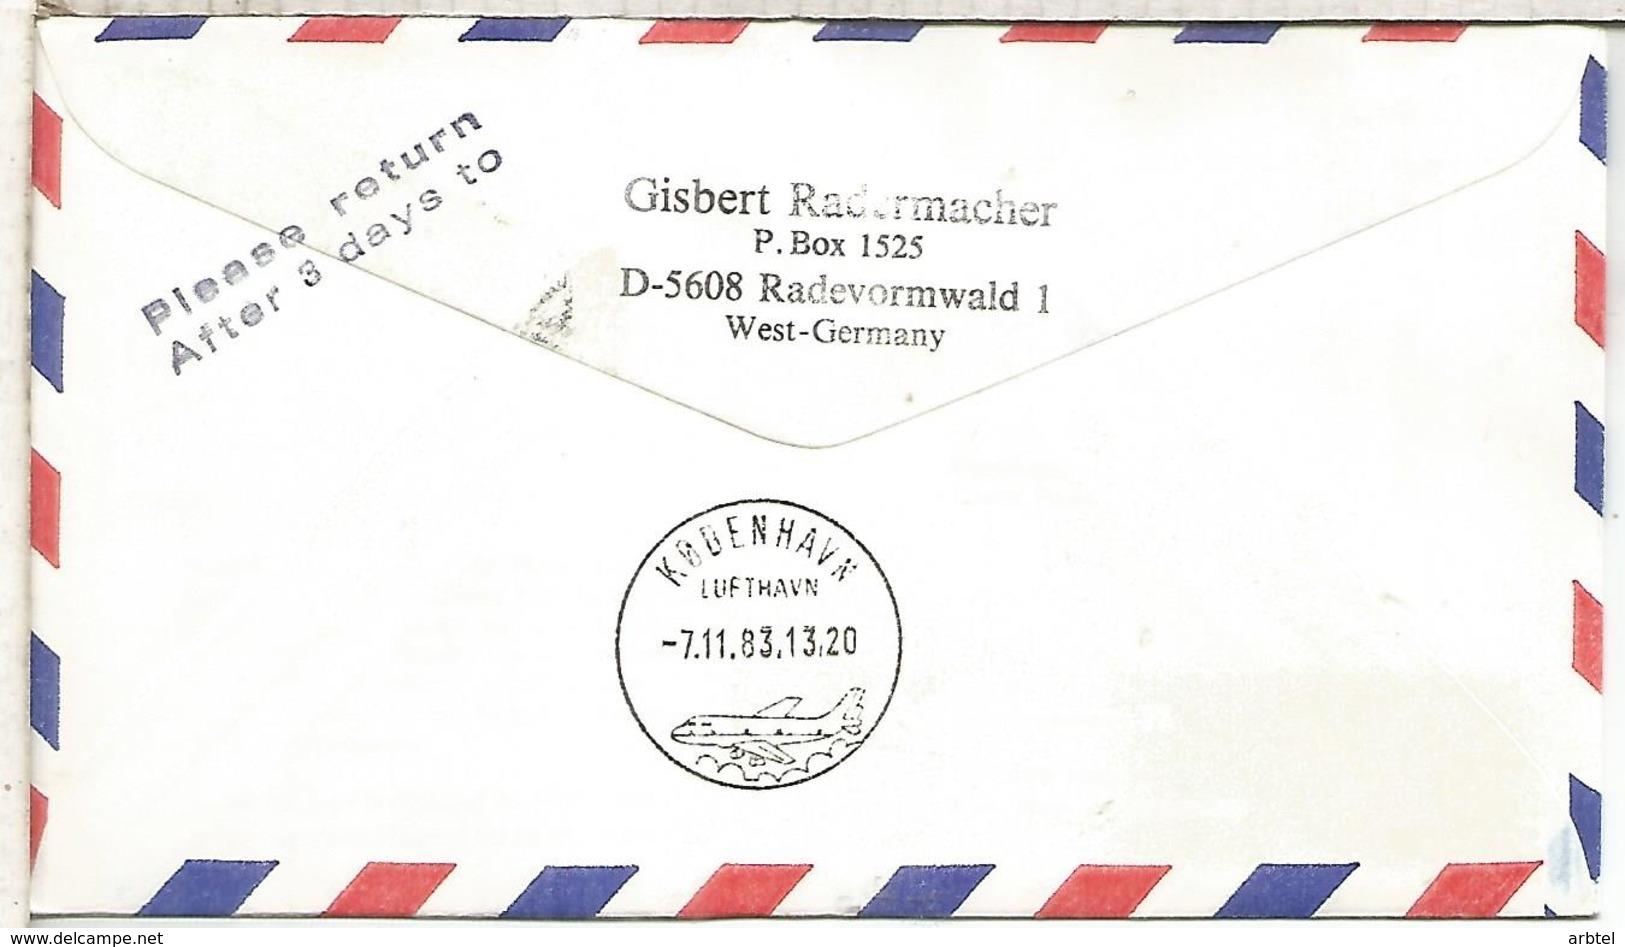 NACIONES UNIDAS WIEN CC CERTIFICADA VUELO WIEN KOPENHAGEN 1983 AUSTRIAN AIRLINES - Aéreo